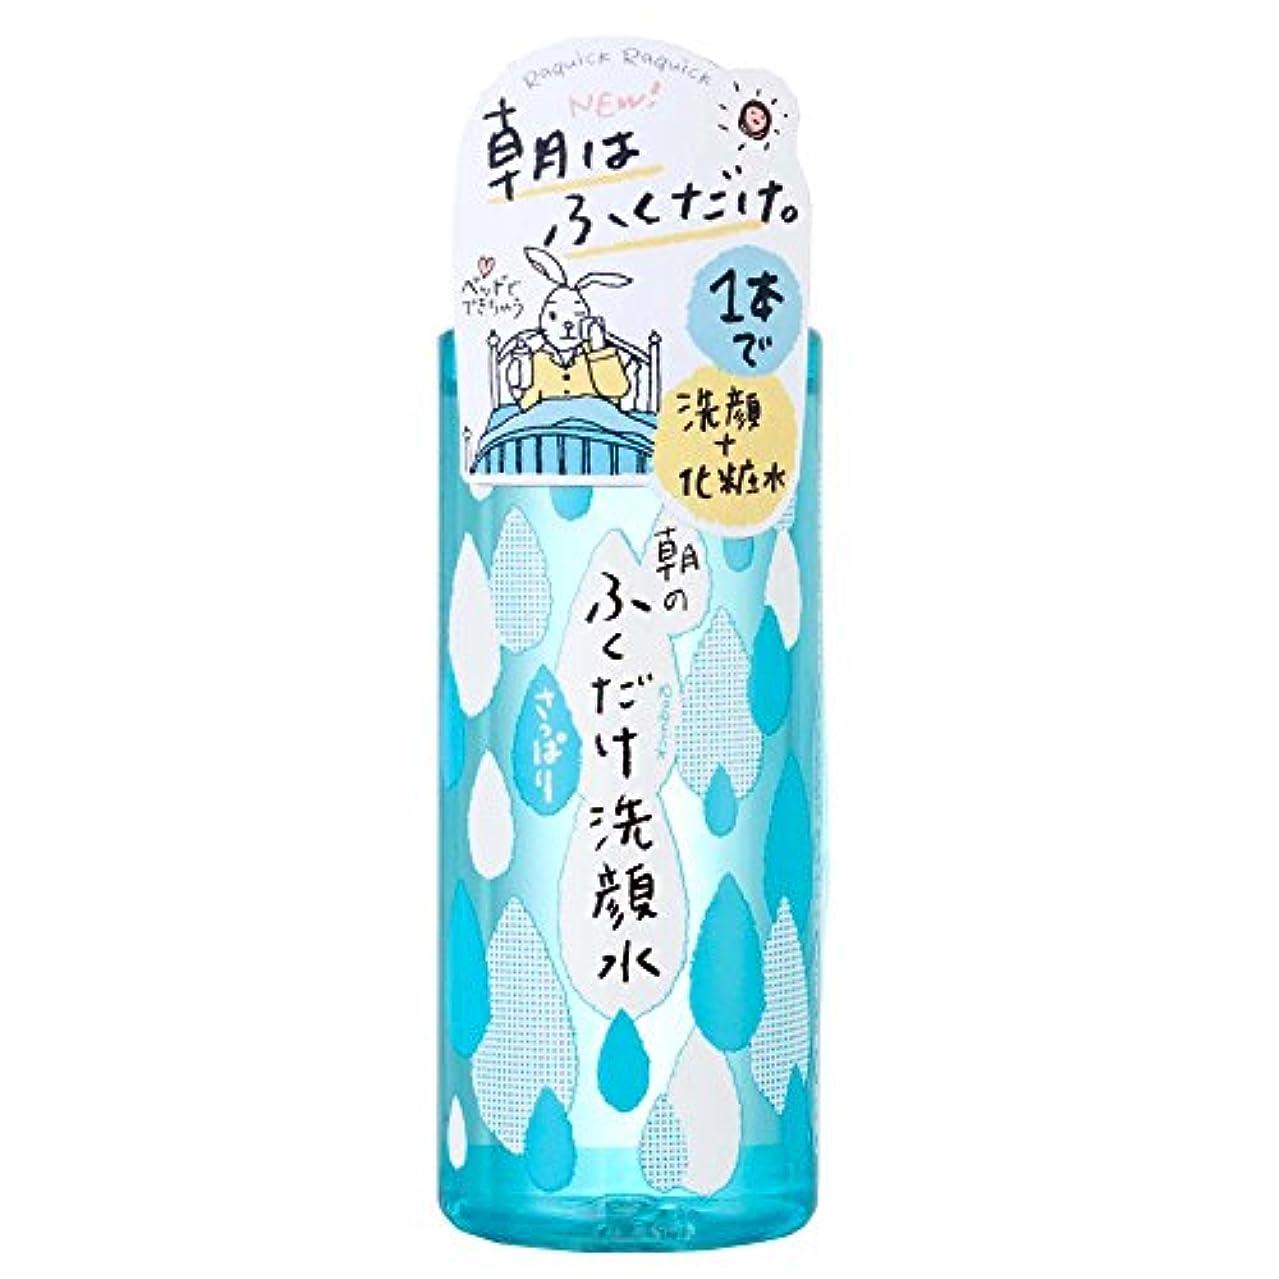 繁栄十億韓国ラクイック 朝のふくだけ洗顔水 さっぱり 310mL